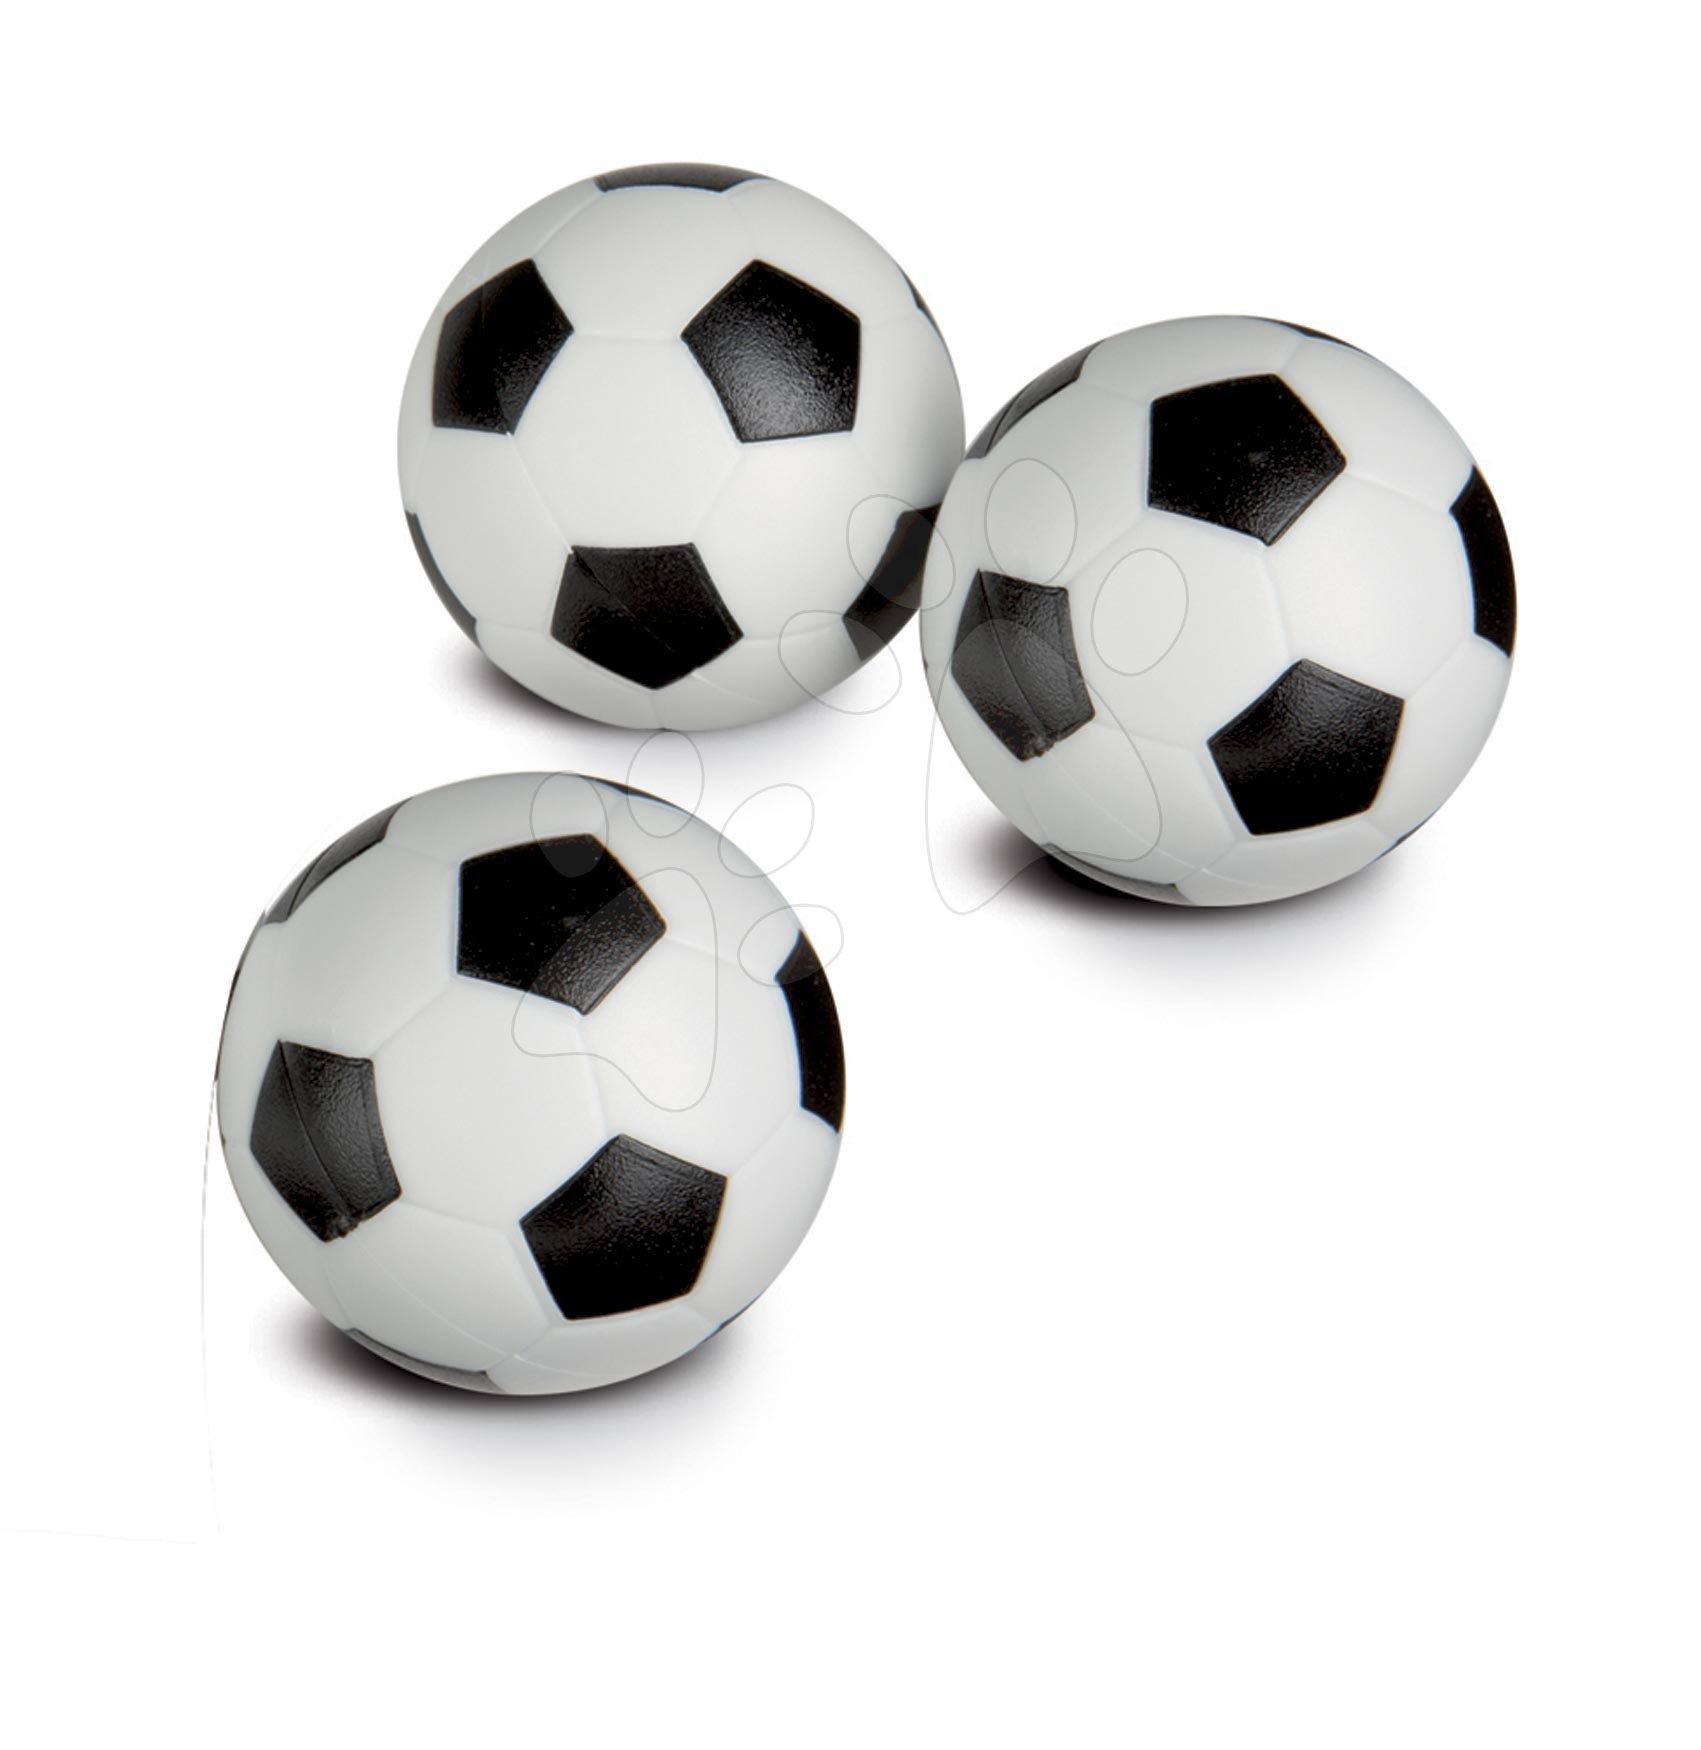 Fotbalové míčky plastové Smoby náhradní 34 mm průměr 3 kusy